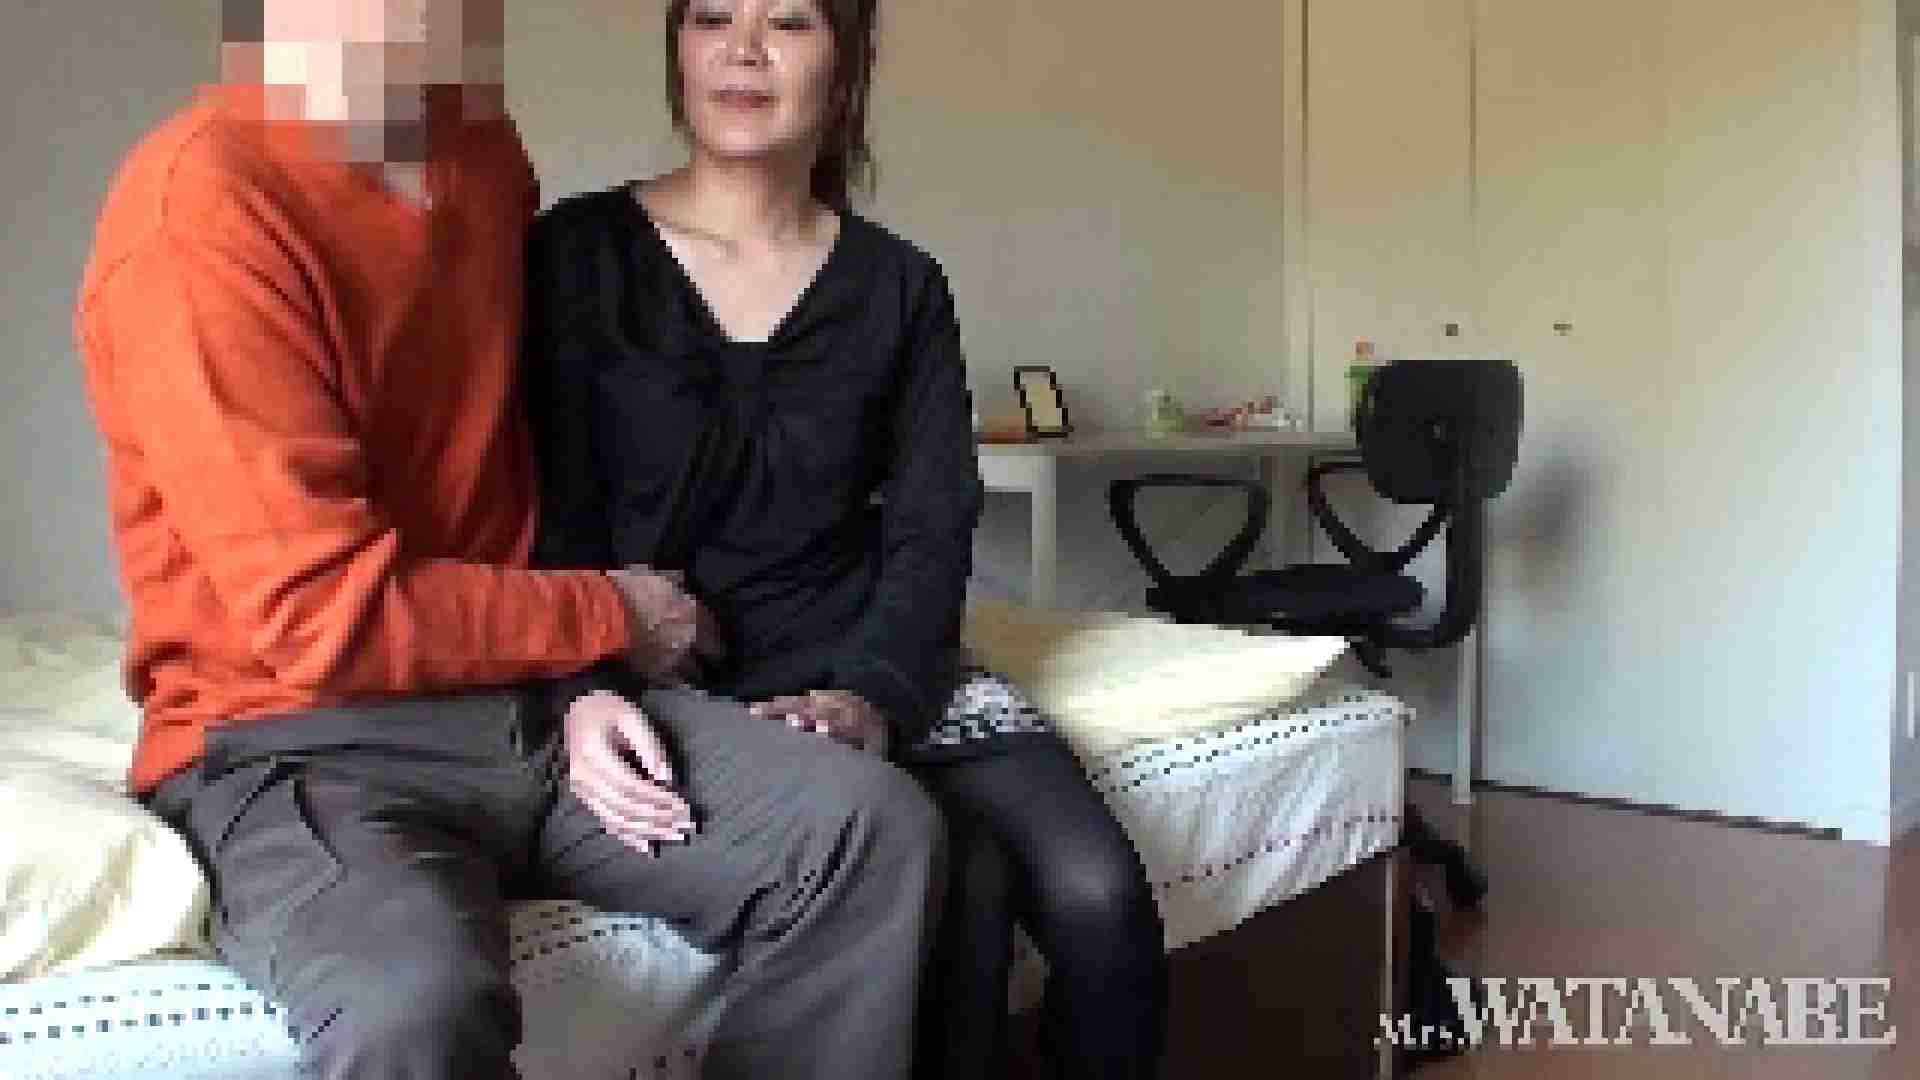 SNSで出会った人妻をハメ撮りしちゃいます 2回目 前編 投稿 | 人妻エロ映像  105pic 52